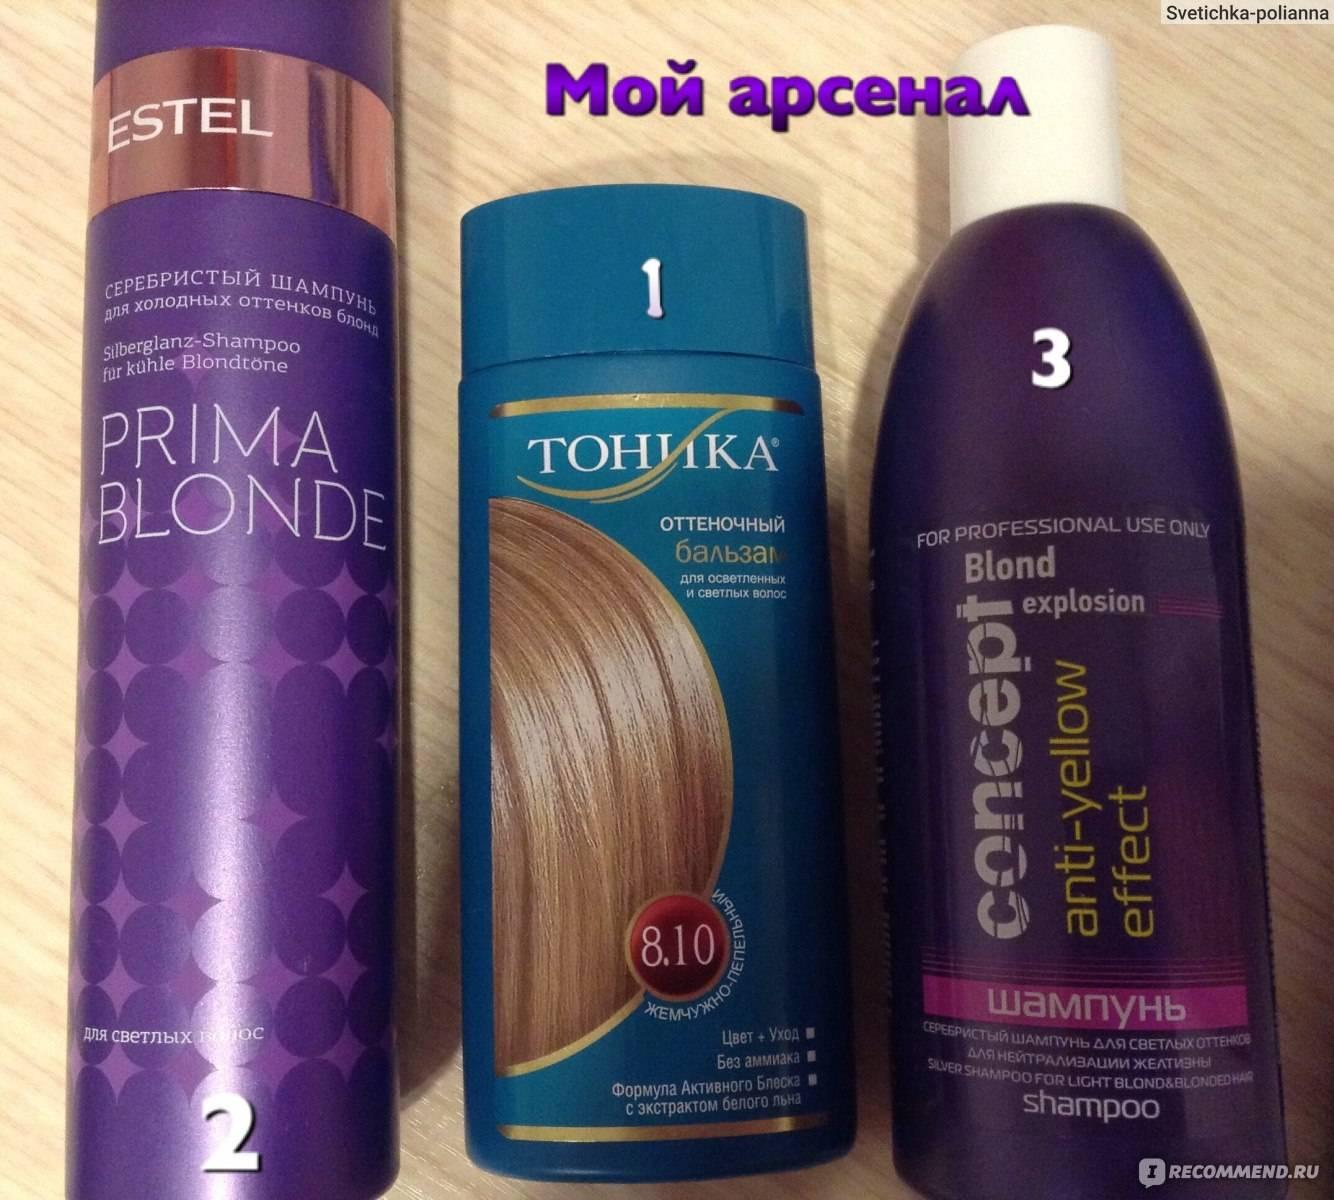 Краска для тонирования волос: профессиональные средства для окрашивания (капус, matrix, лонда, лореаль и другие), отзывы, выбираем мусс, пену, тоник, бальзам, спрей